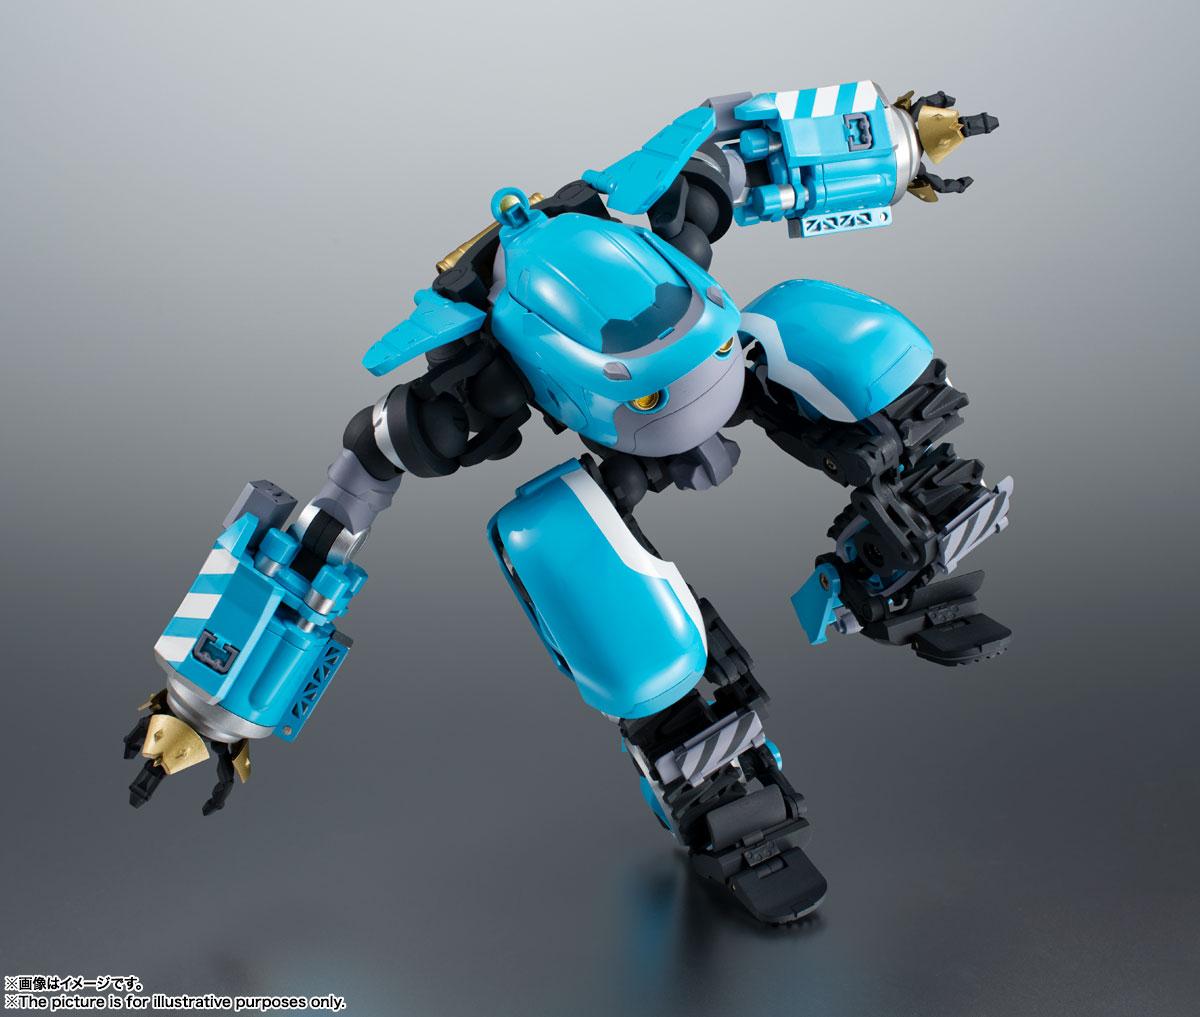 ROBOT魂〈SIDE MB〉『ビッグトニー』サクガン 可動フィギュア-003